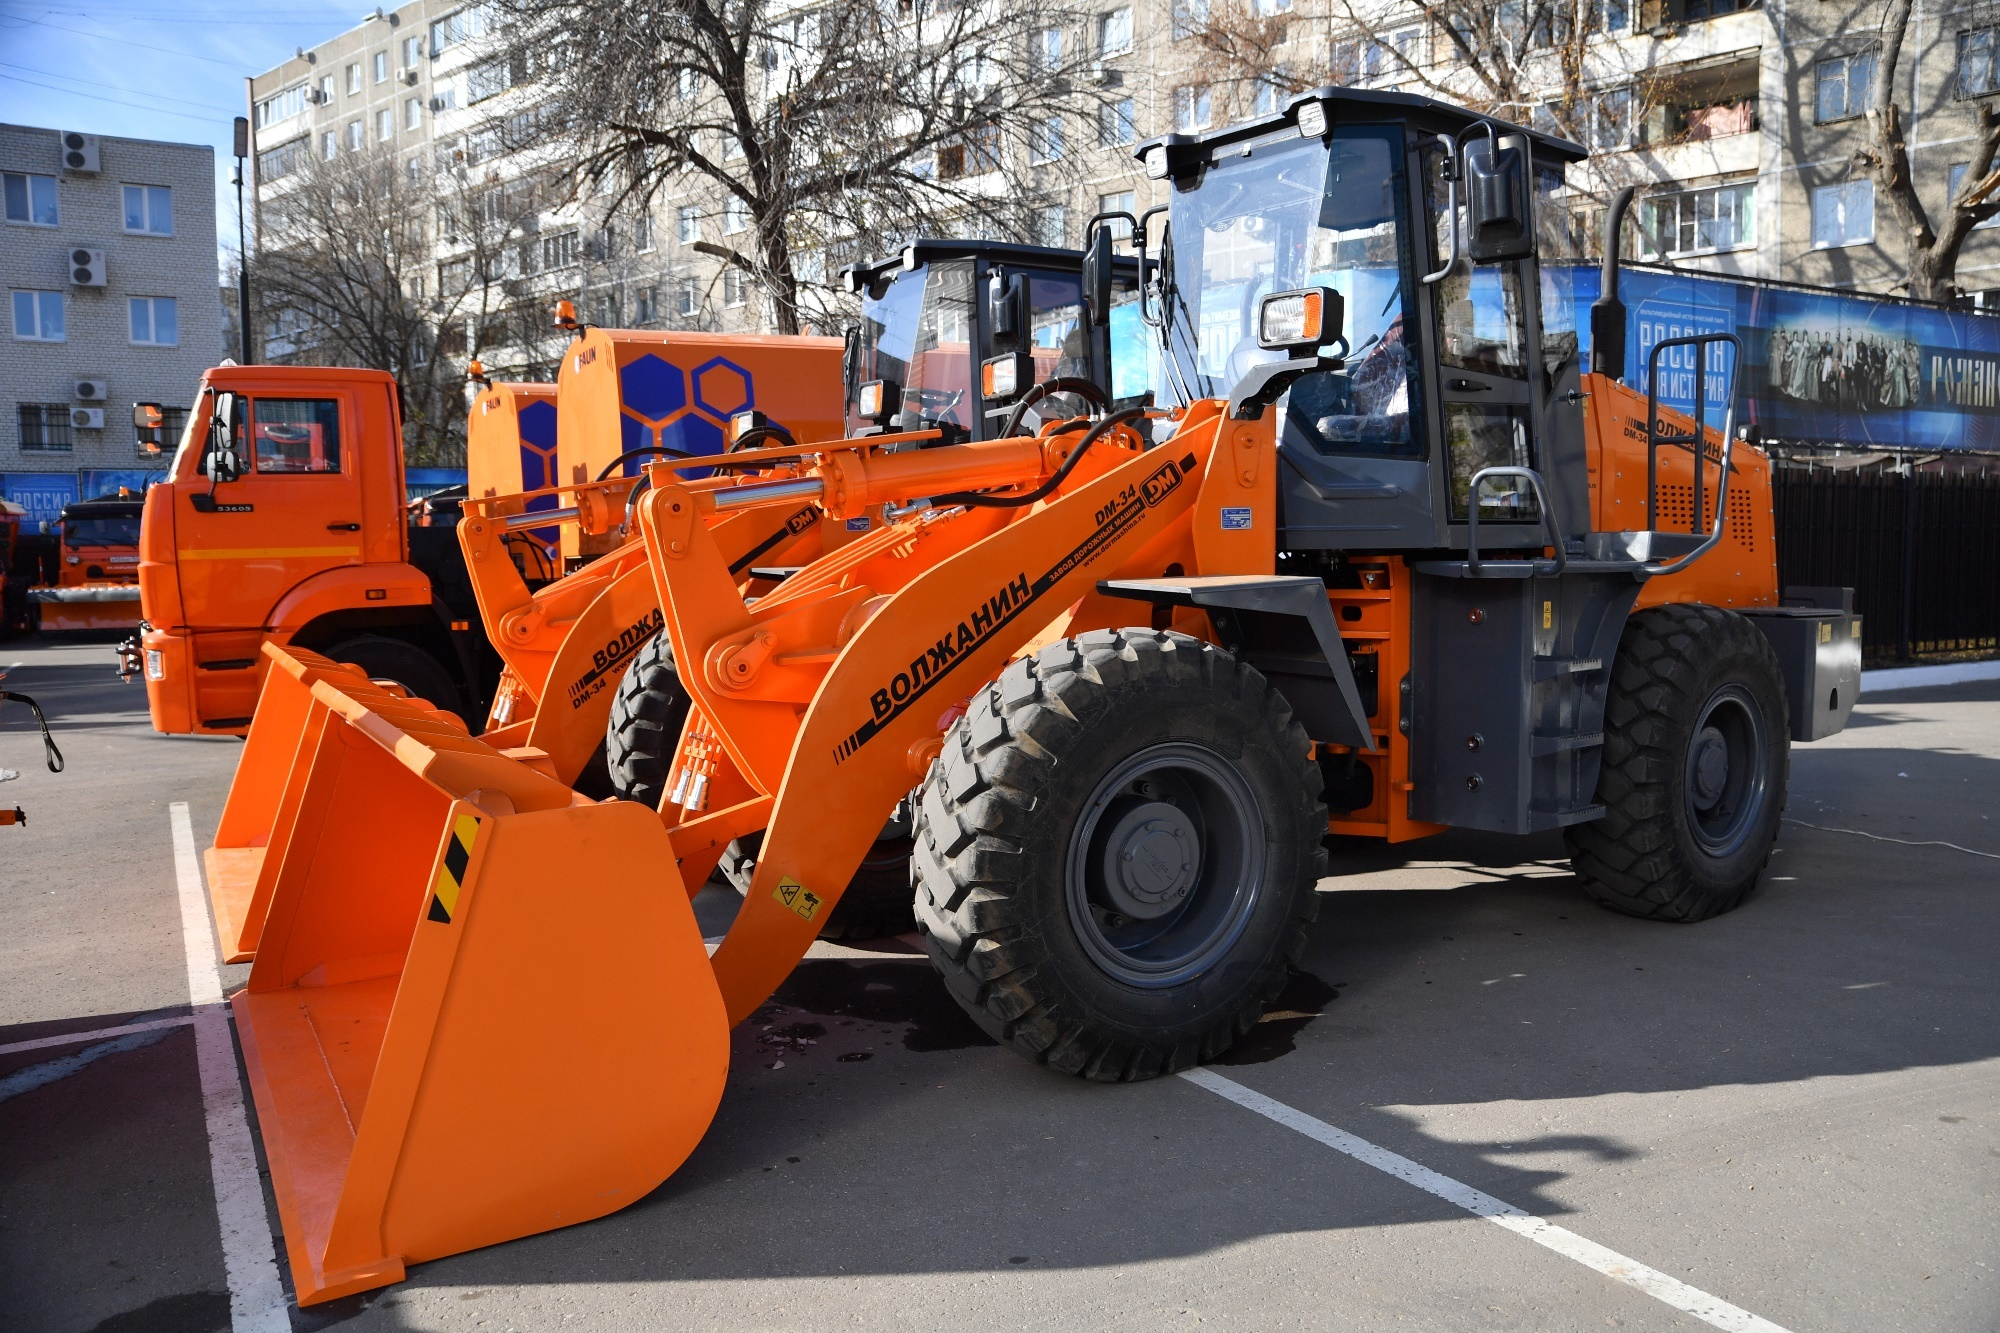 Продажа спецтехника саратов енвд для пассажирских перевозок в 2017 году